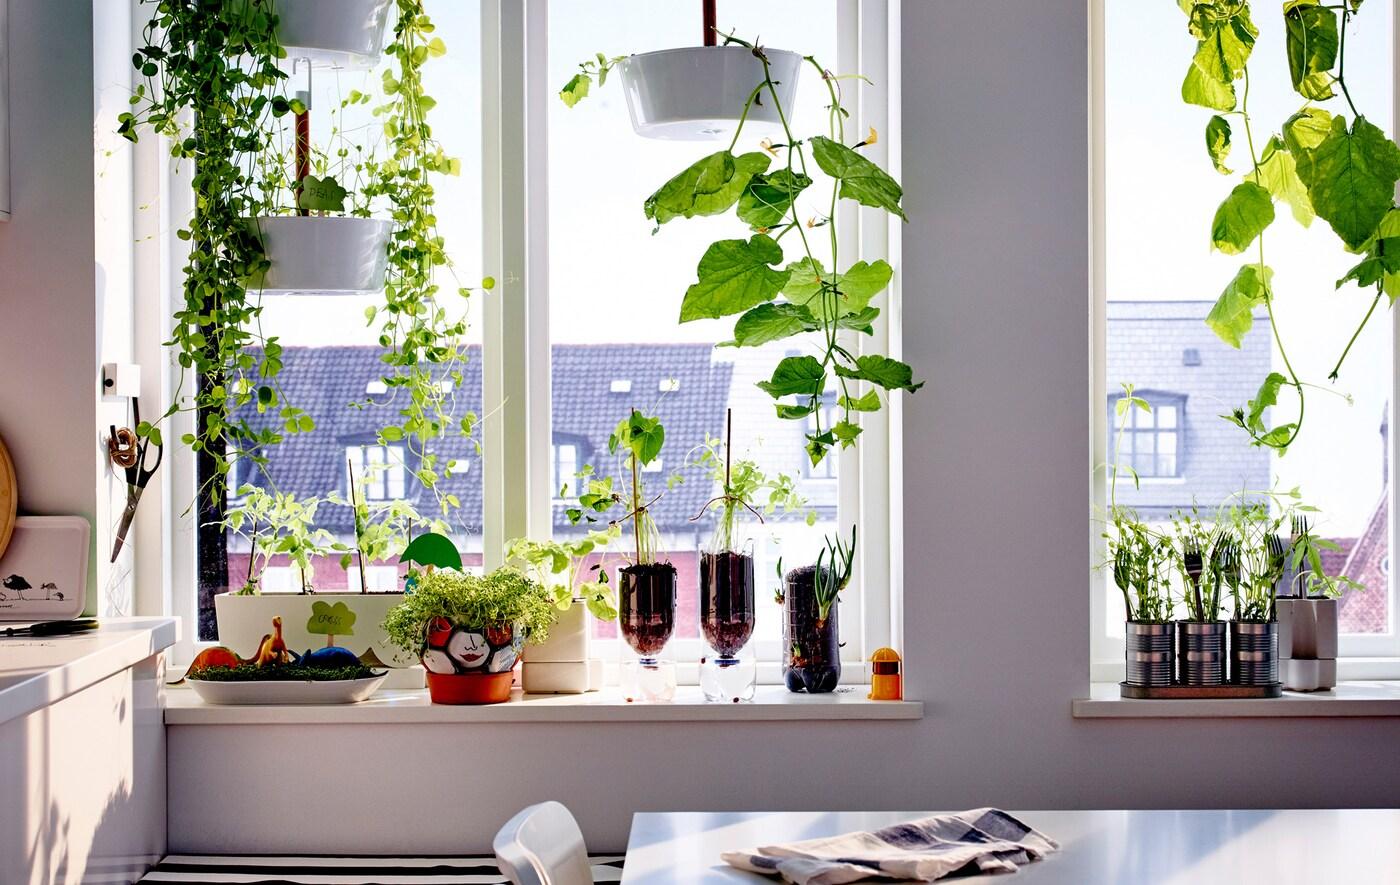 Tutustu kuuteen helppoon sisäviljelyprojektiin, joissa hyödynnetään vanhoja esineitä ja jotka voidaan toteuttaa ikkunalaudalla.